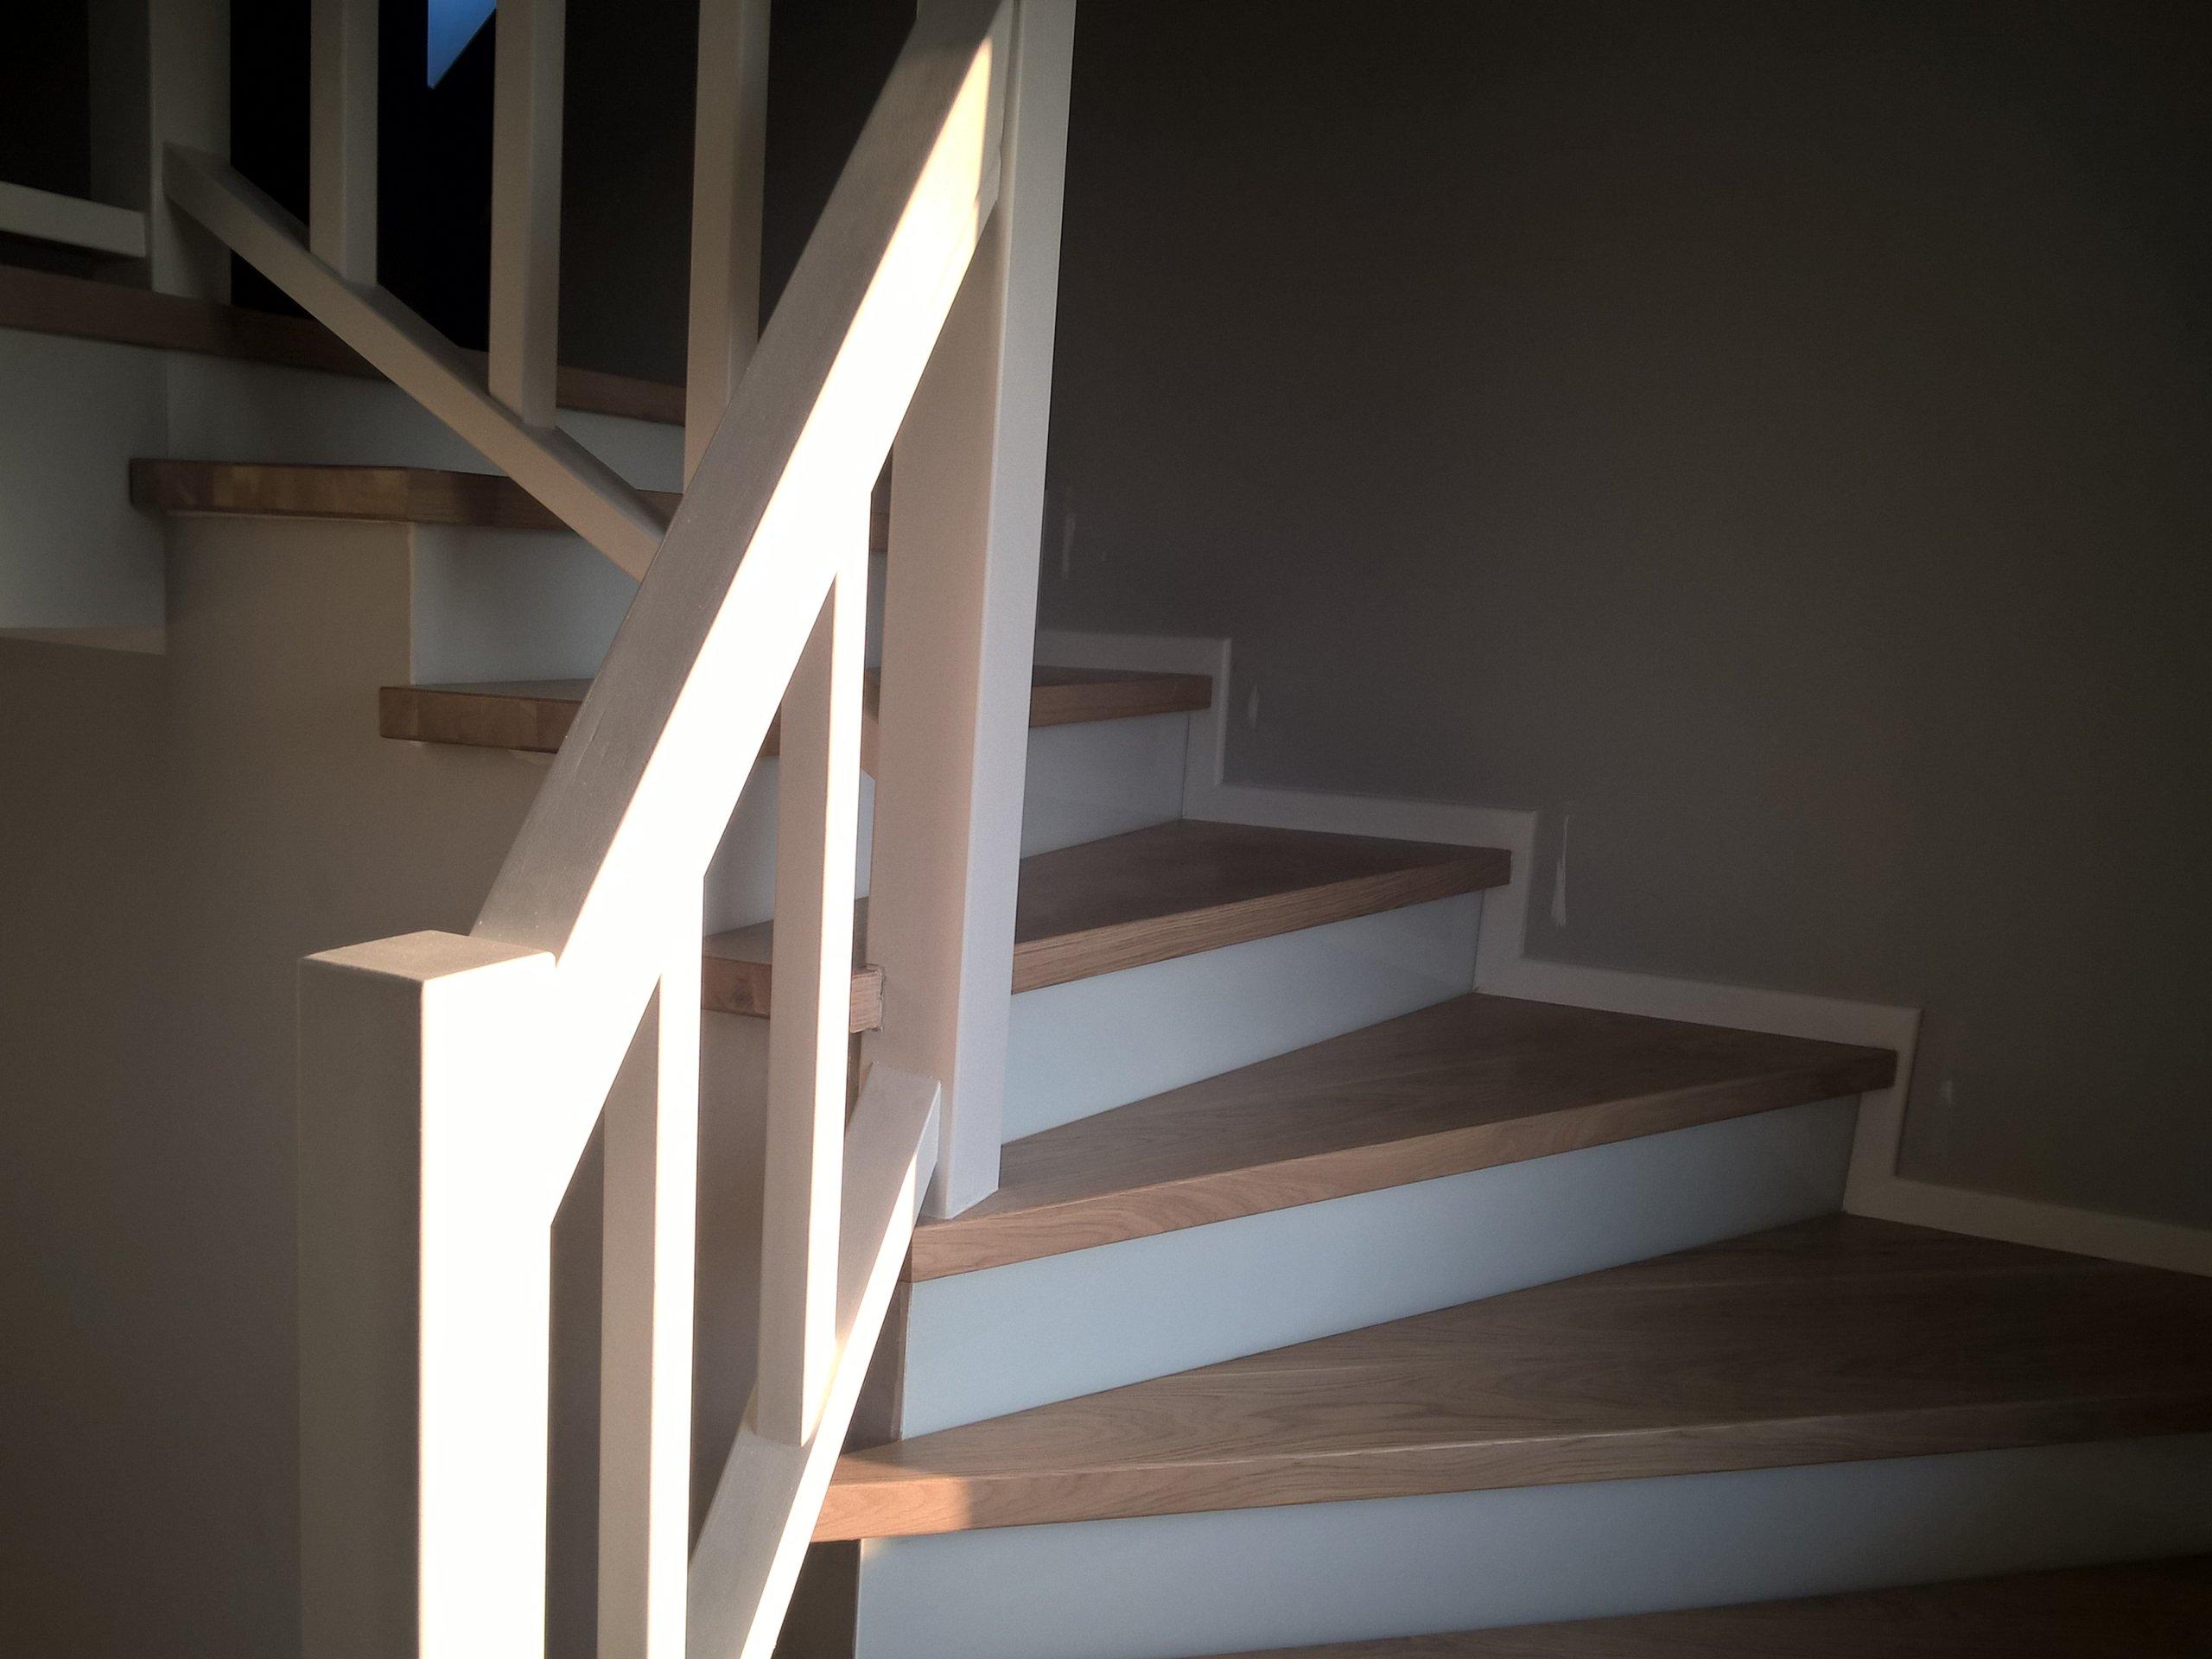 Oblogowane Schody Trepy Stopnie Debowe Drewniane 7041925094